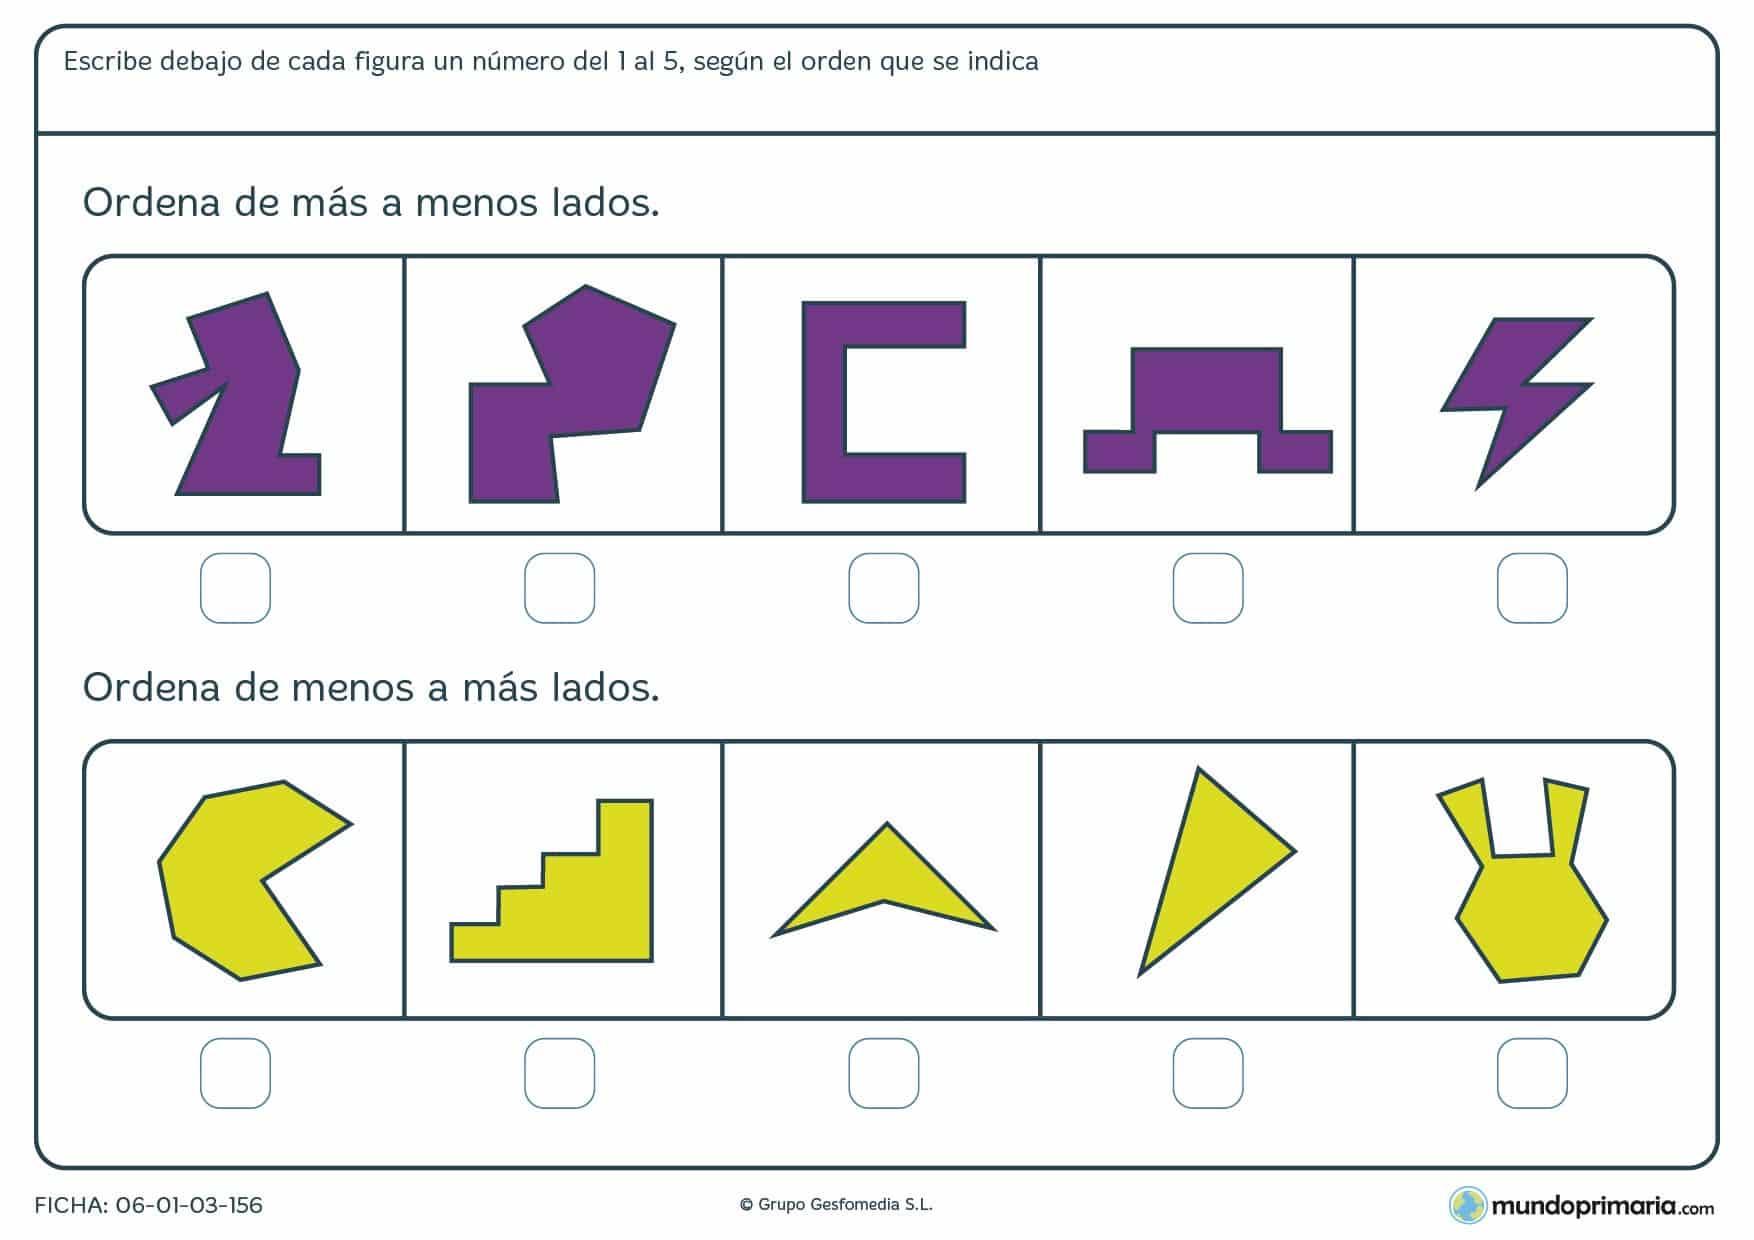 Ficha de clasificar por lados según su número la siguientes figuras y en el orden que se indica.